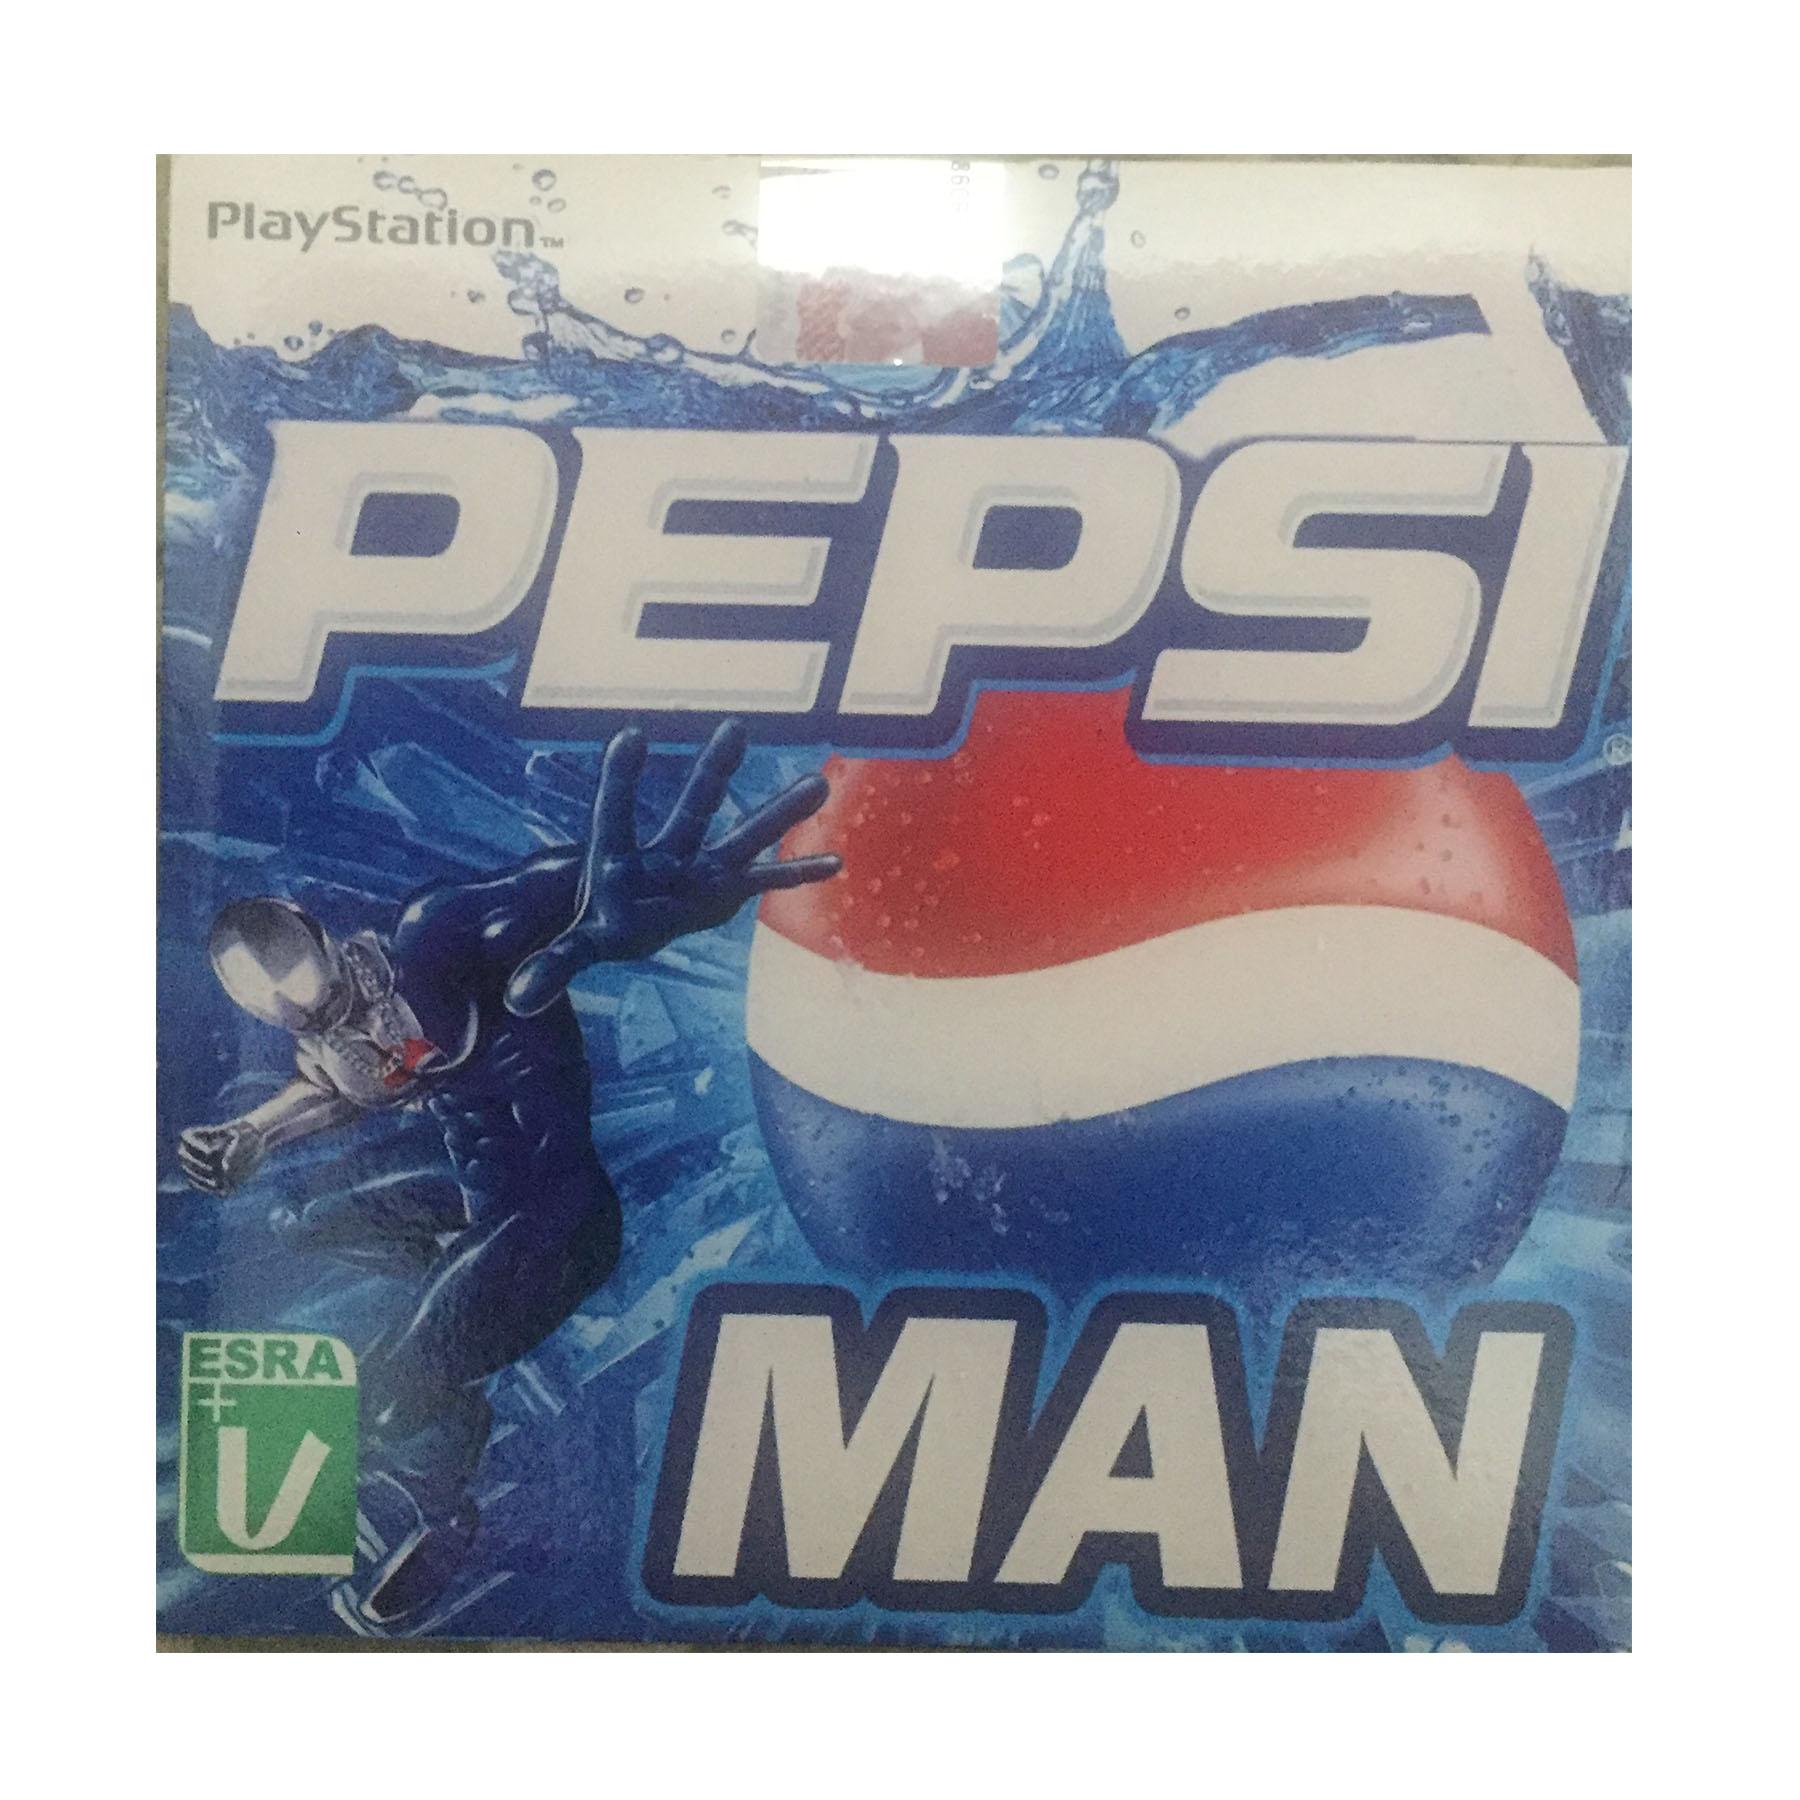 بازی PEPSI MAN مخصوص PLAYStation1 (به همراه هدیه ۱ عدد سی دی آلبوم موسیقی مکث)